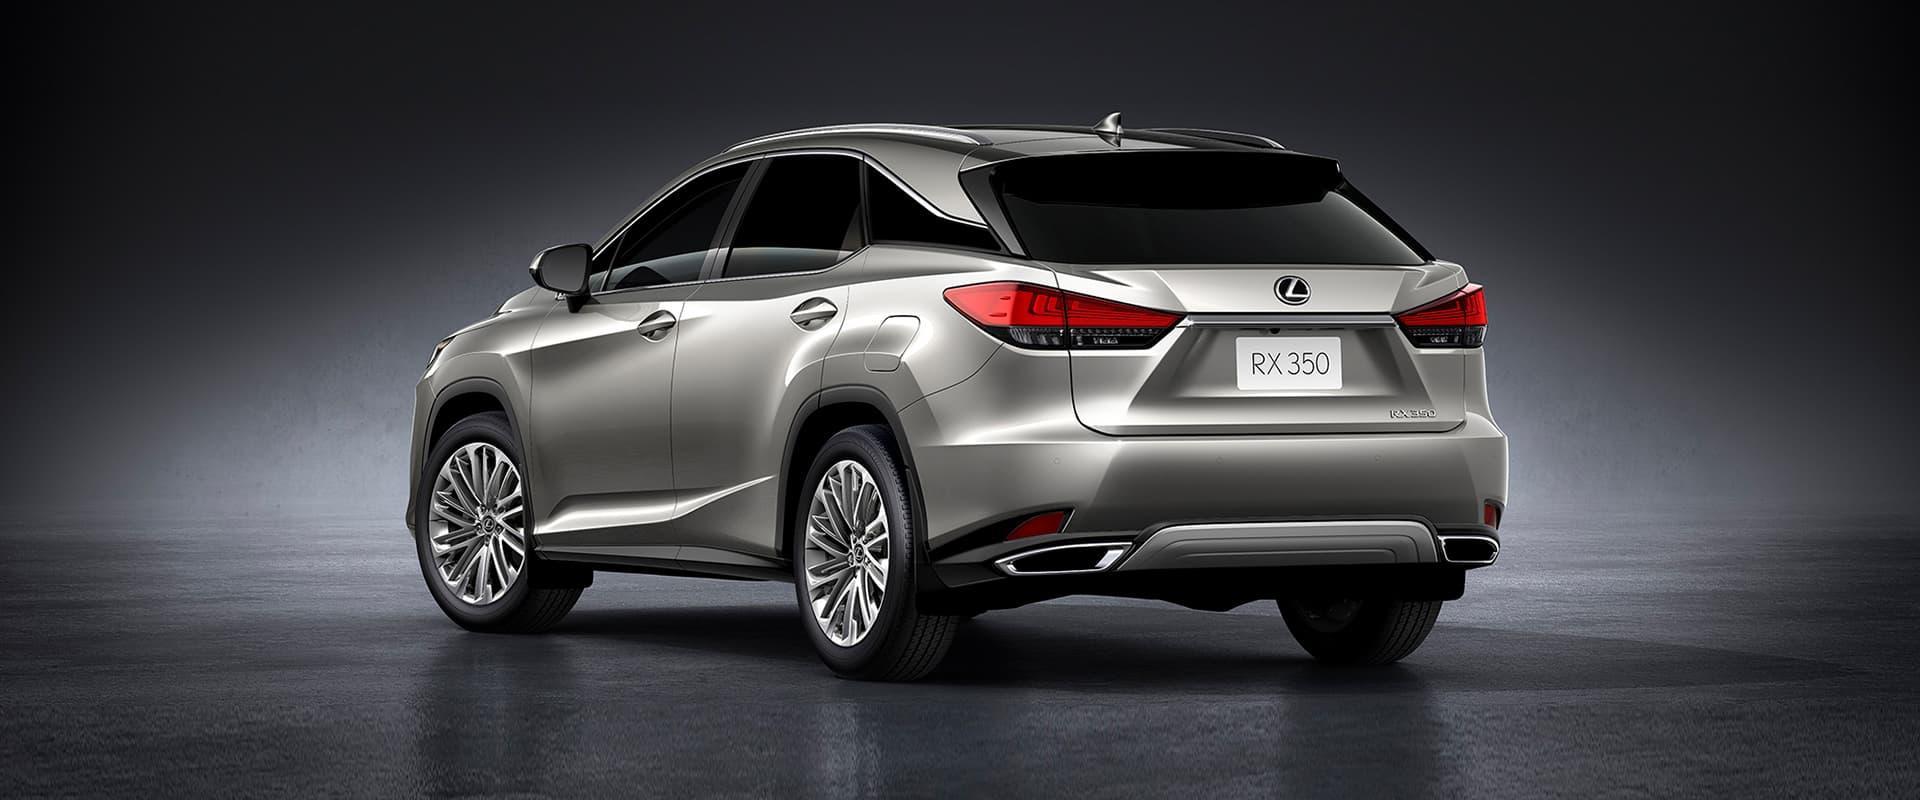 danh-gia-xe-lexus-rx350-2021-giaxehoi-vn-5